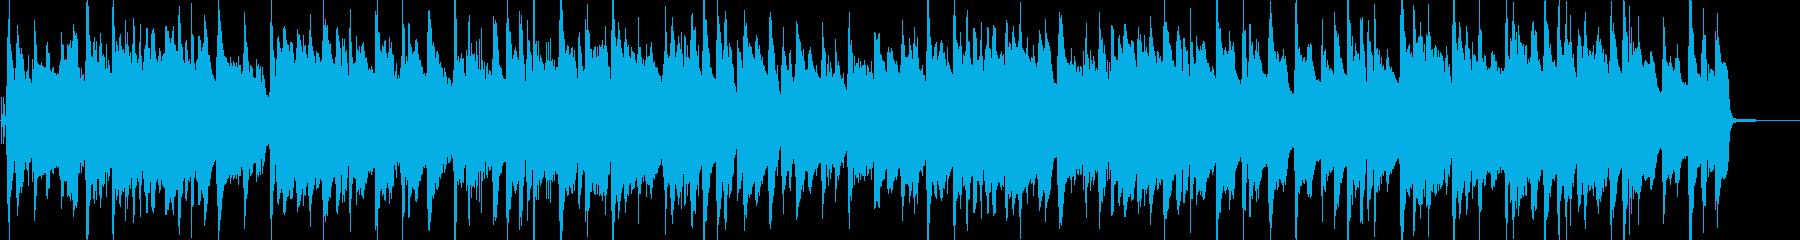 ピアノの可愛いラグタイムの再生済みの波形